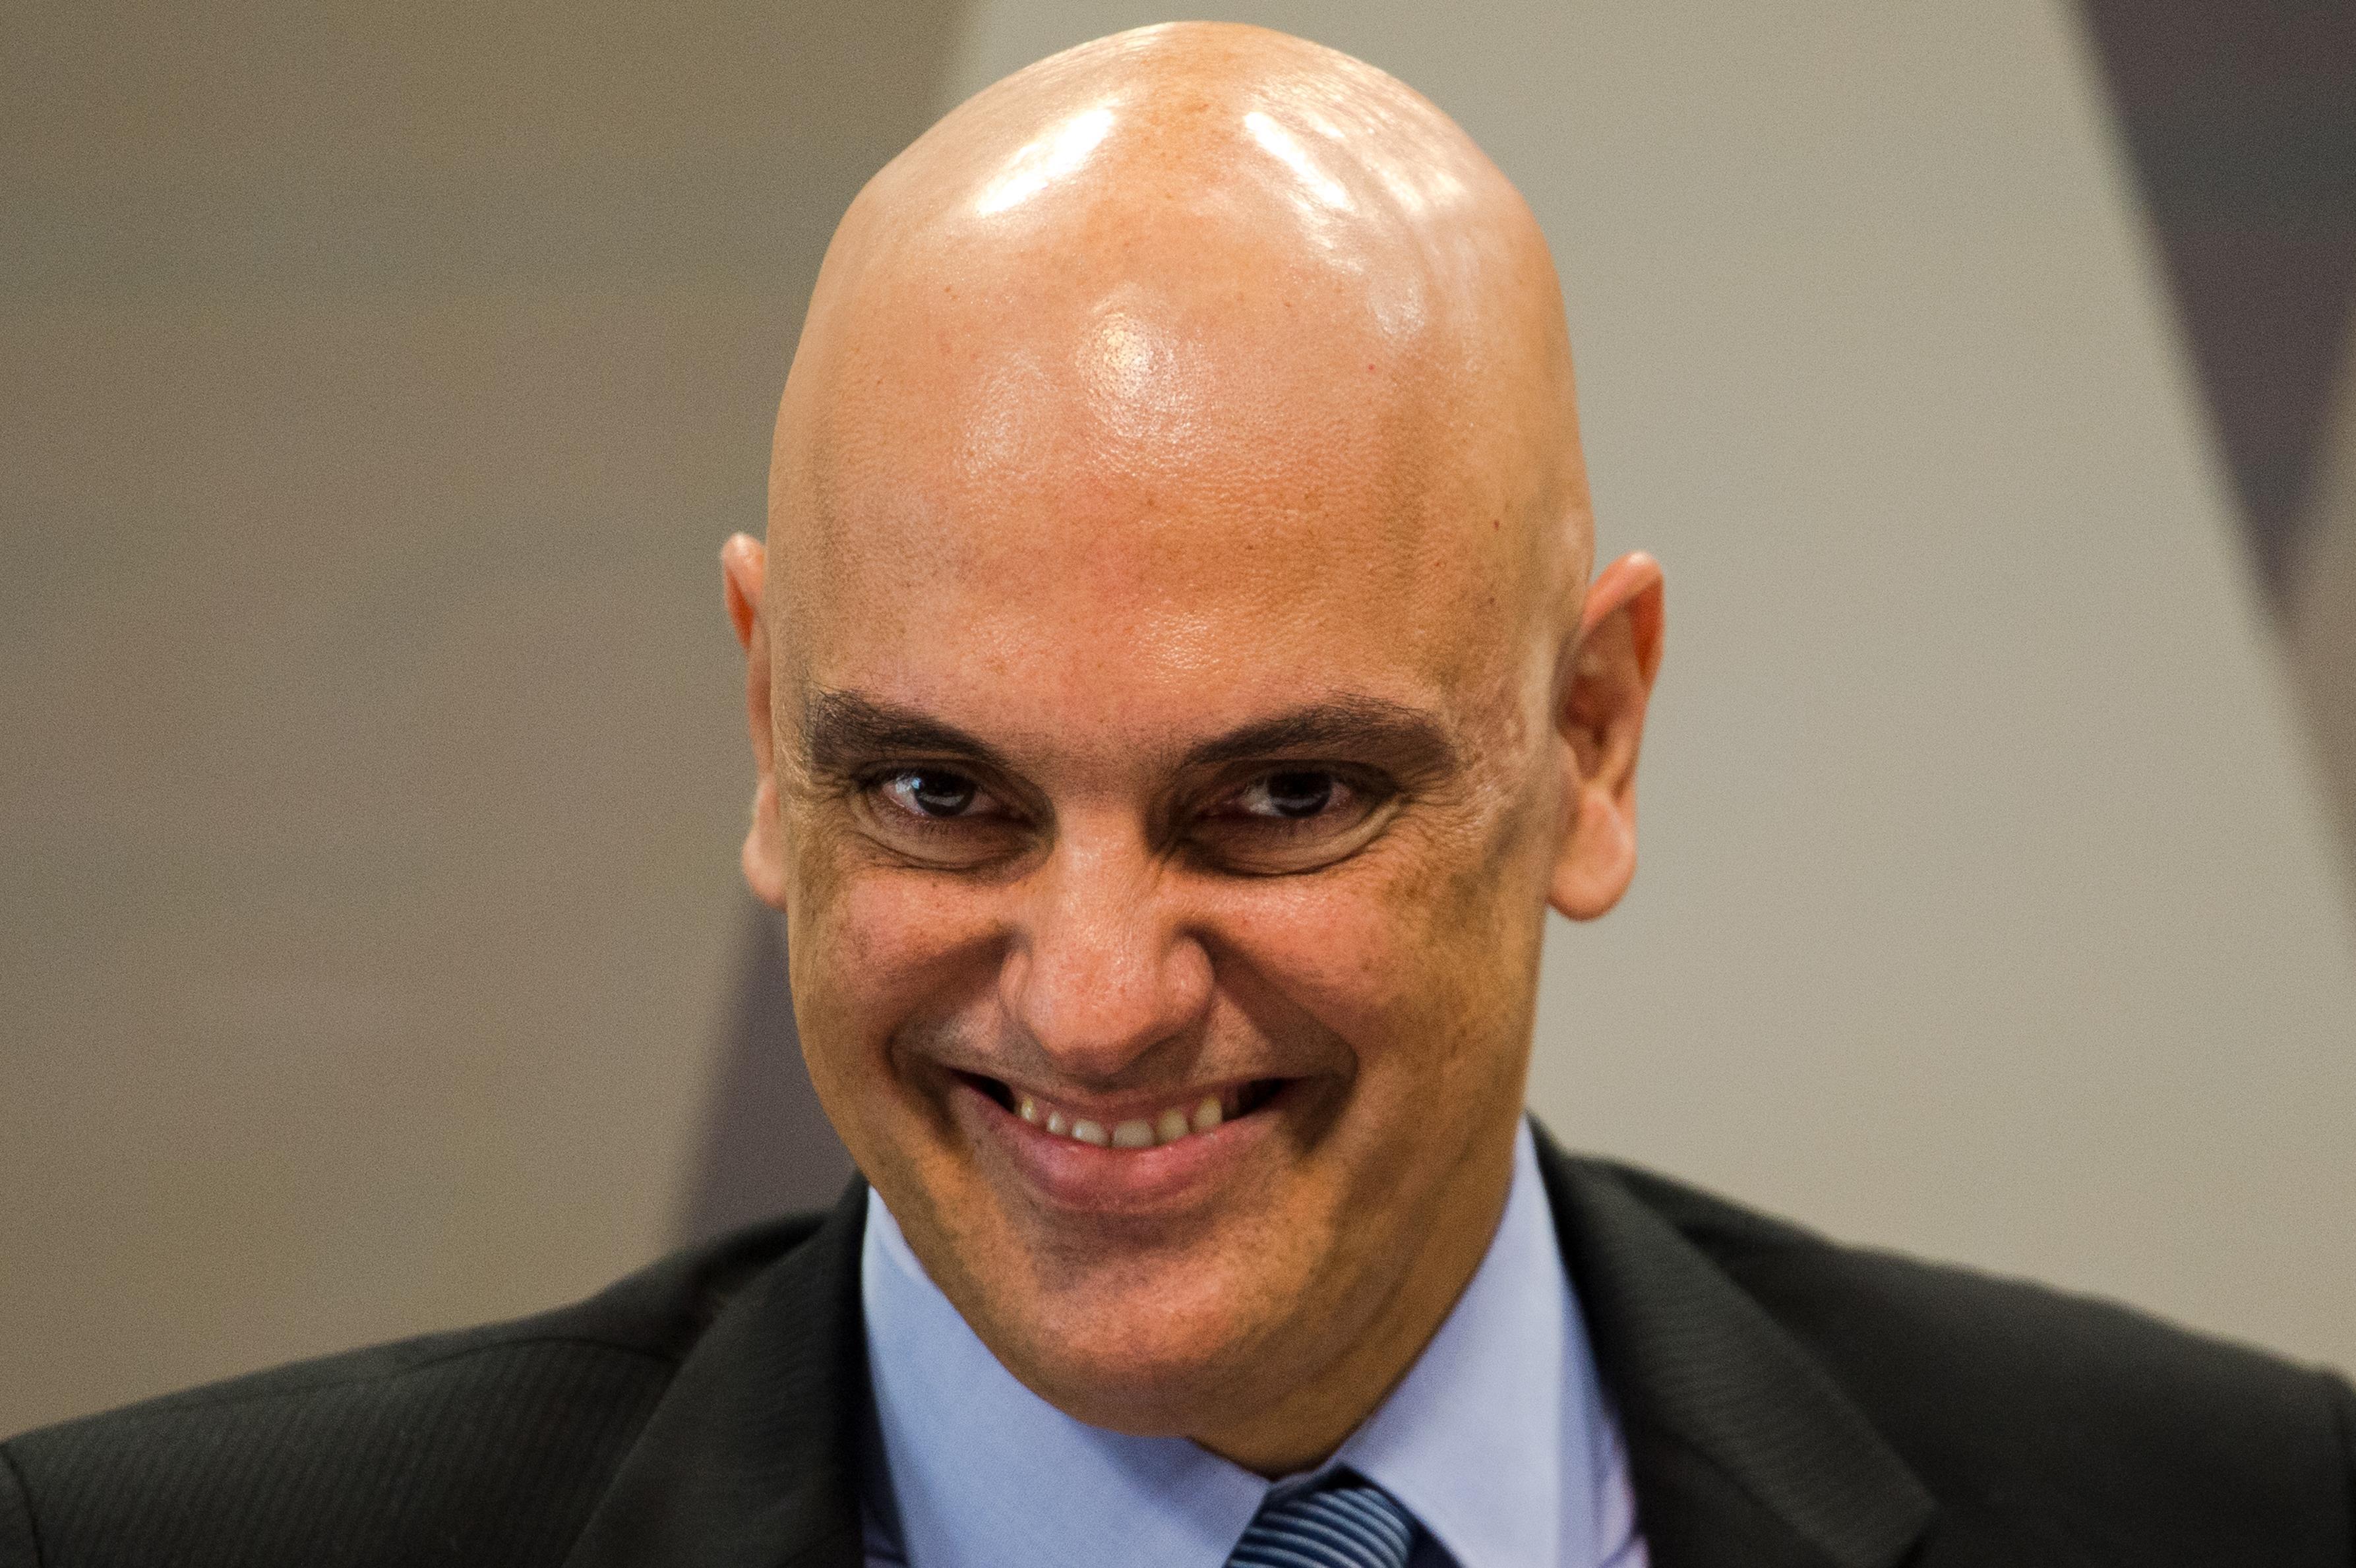 Ministro Alexandre de Moraes comanda investigações contra Bolsonaro